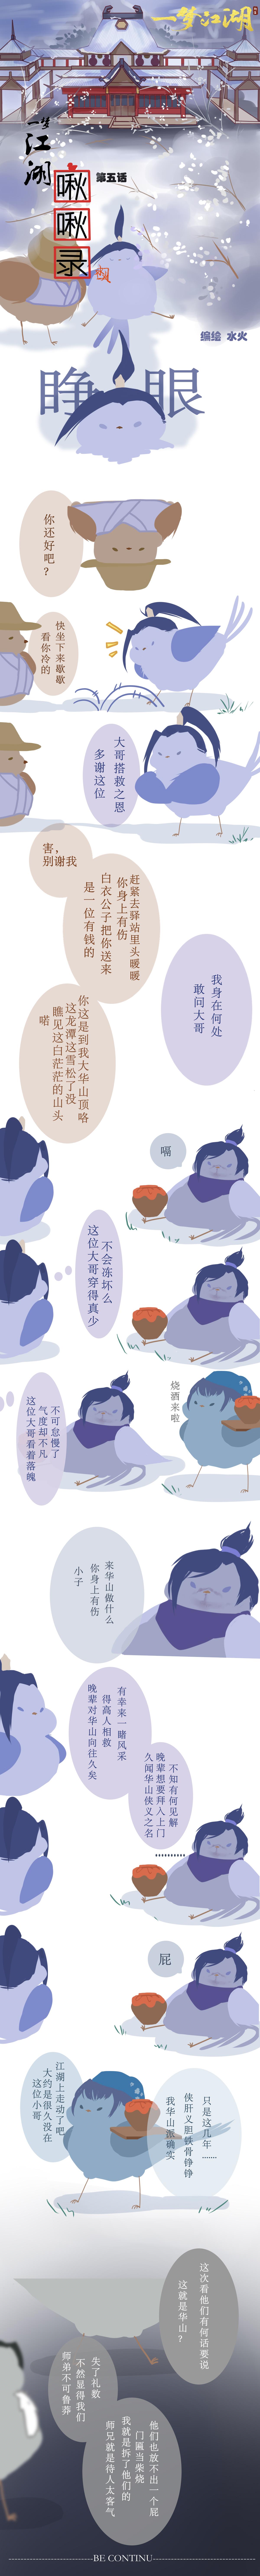 【原创作者联盟】【江湖啾啾录】第五话